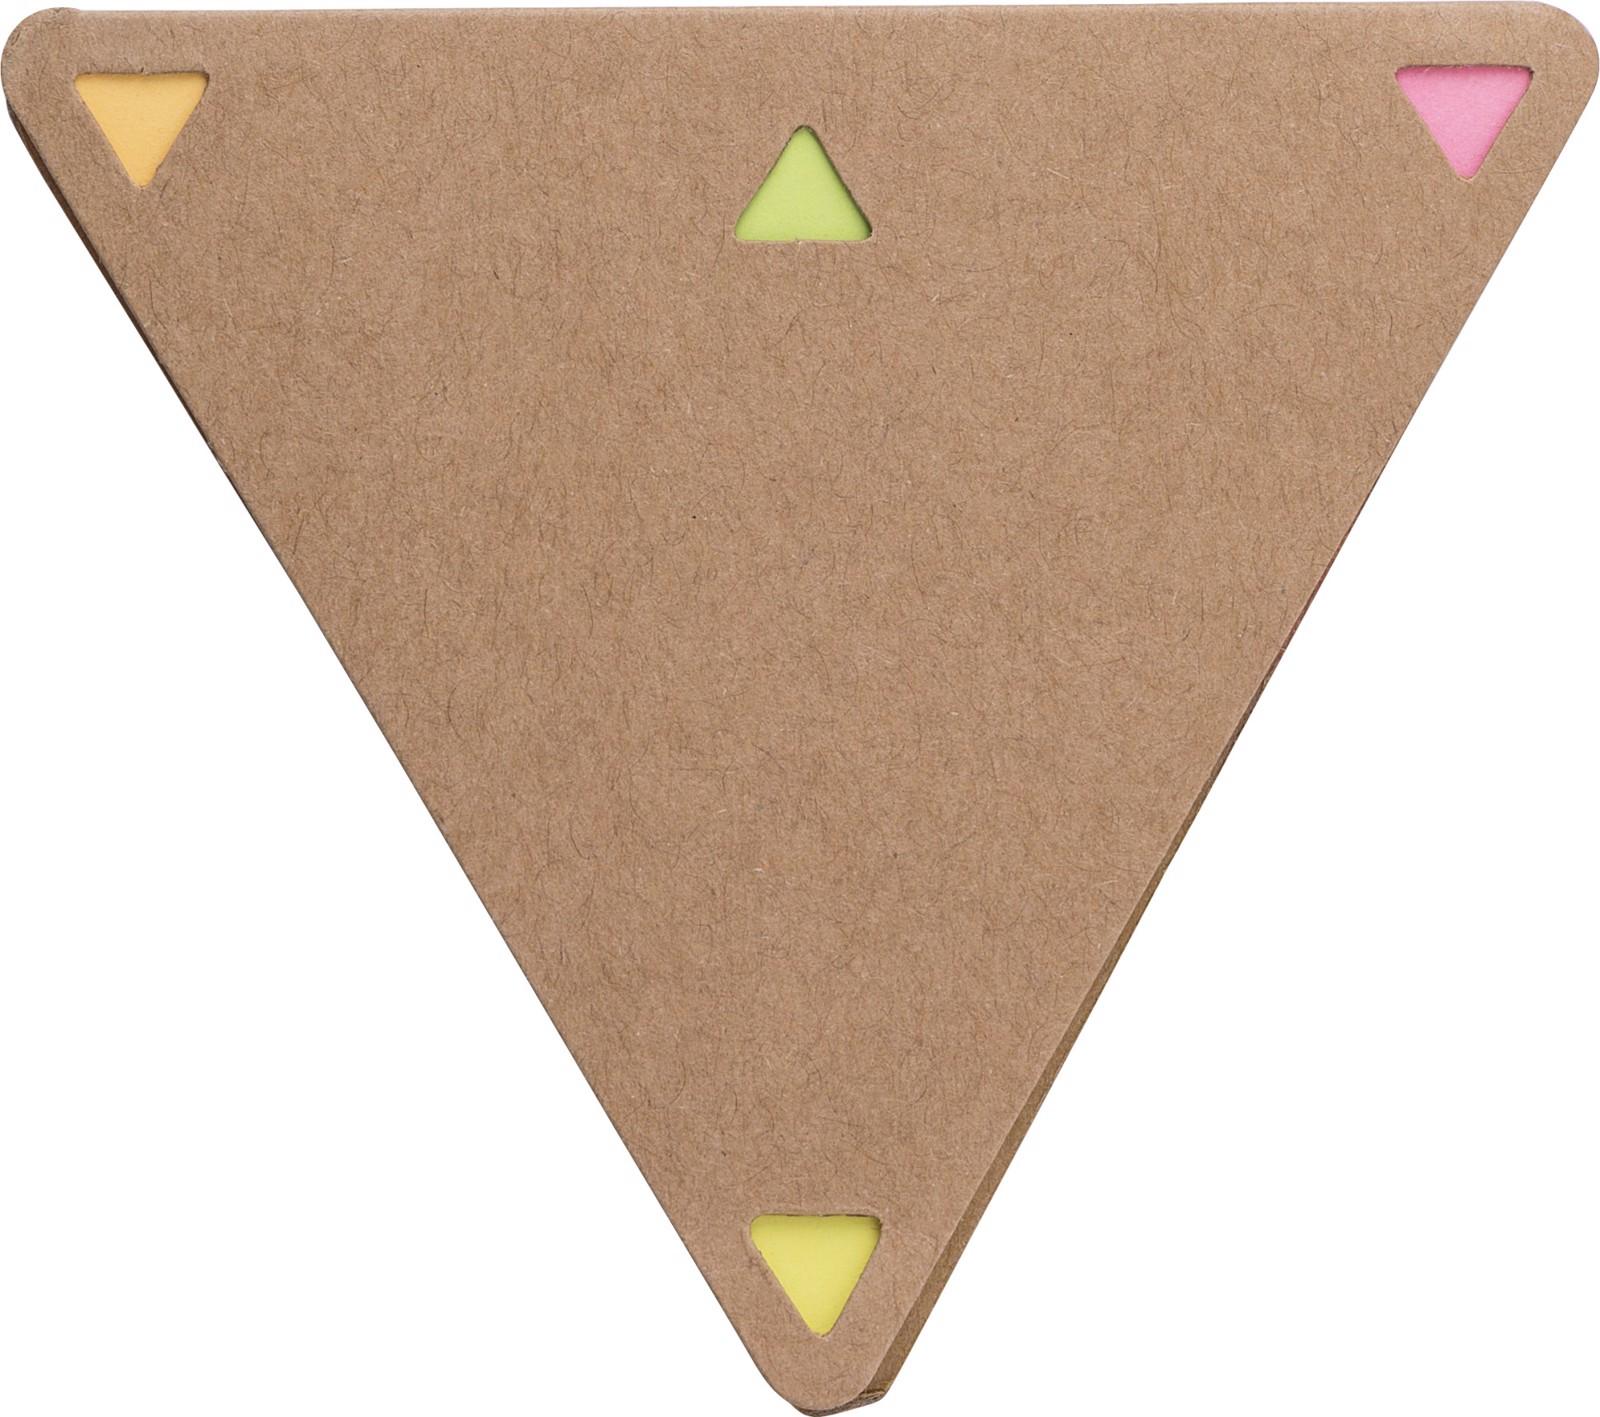 Soporte de papel y notas adhesivas - Brown